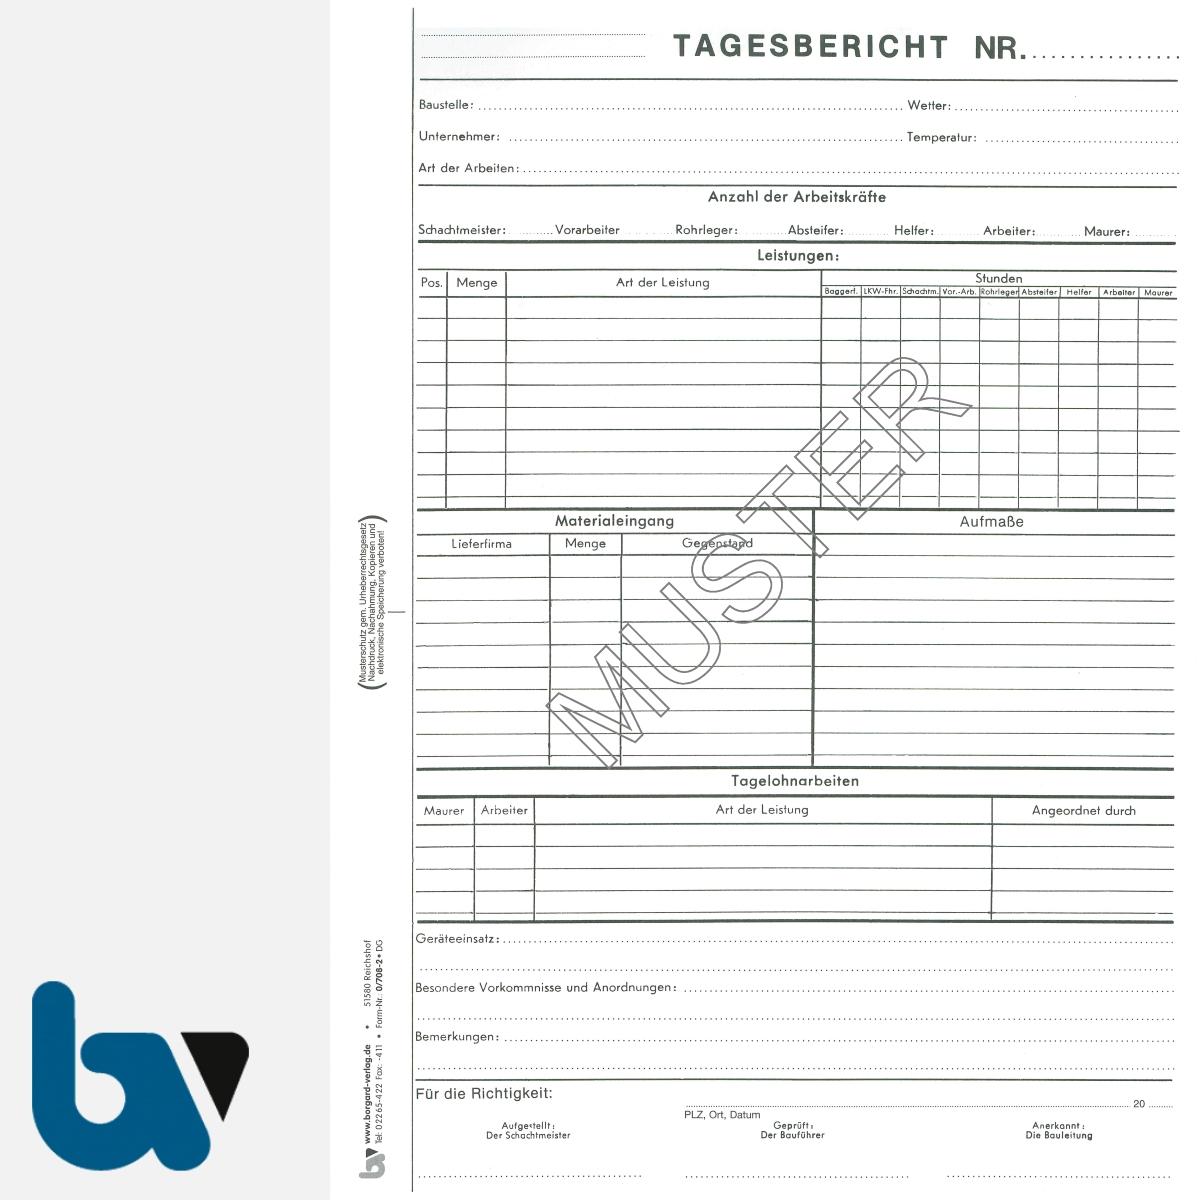 0/708-2 Tagesbericht Baustelle Arbeit Material Gerät selbstdurchschreibend Einschlagdeckel Durchschreibeschutz Schreibschutzdeckel perforiert DIN A4 Seite 1 | Borgard Verlag GmbH